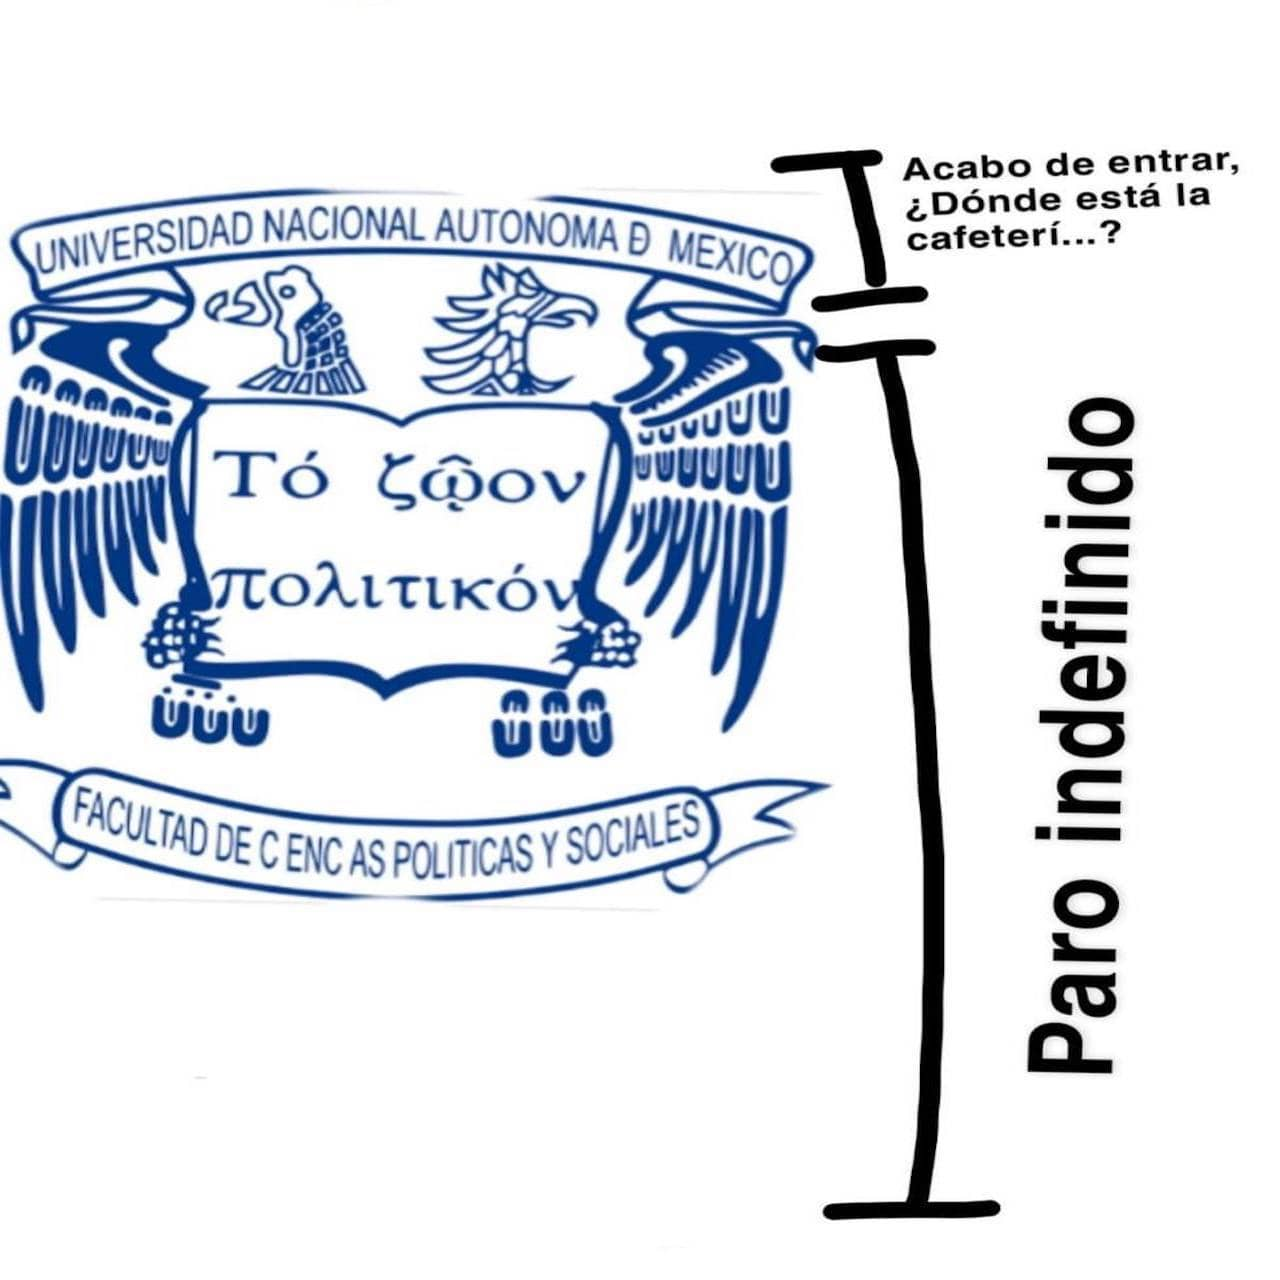 Meme de corchetes con el logo de la FCPYS